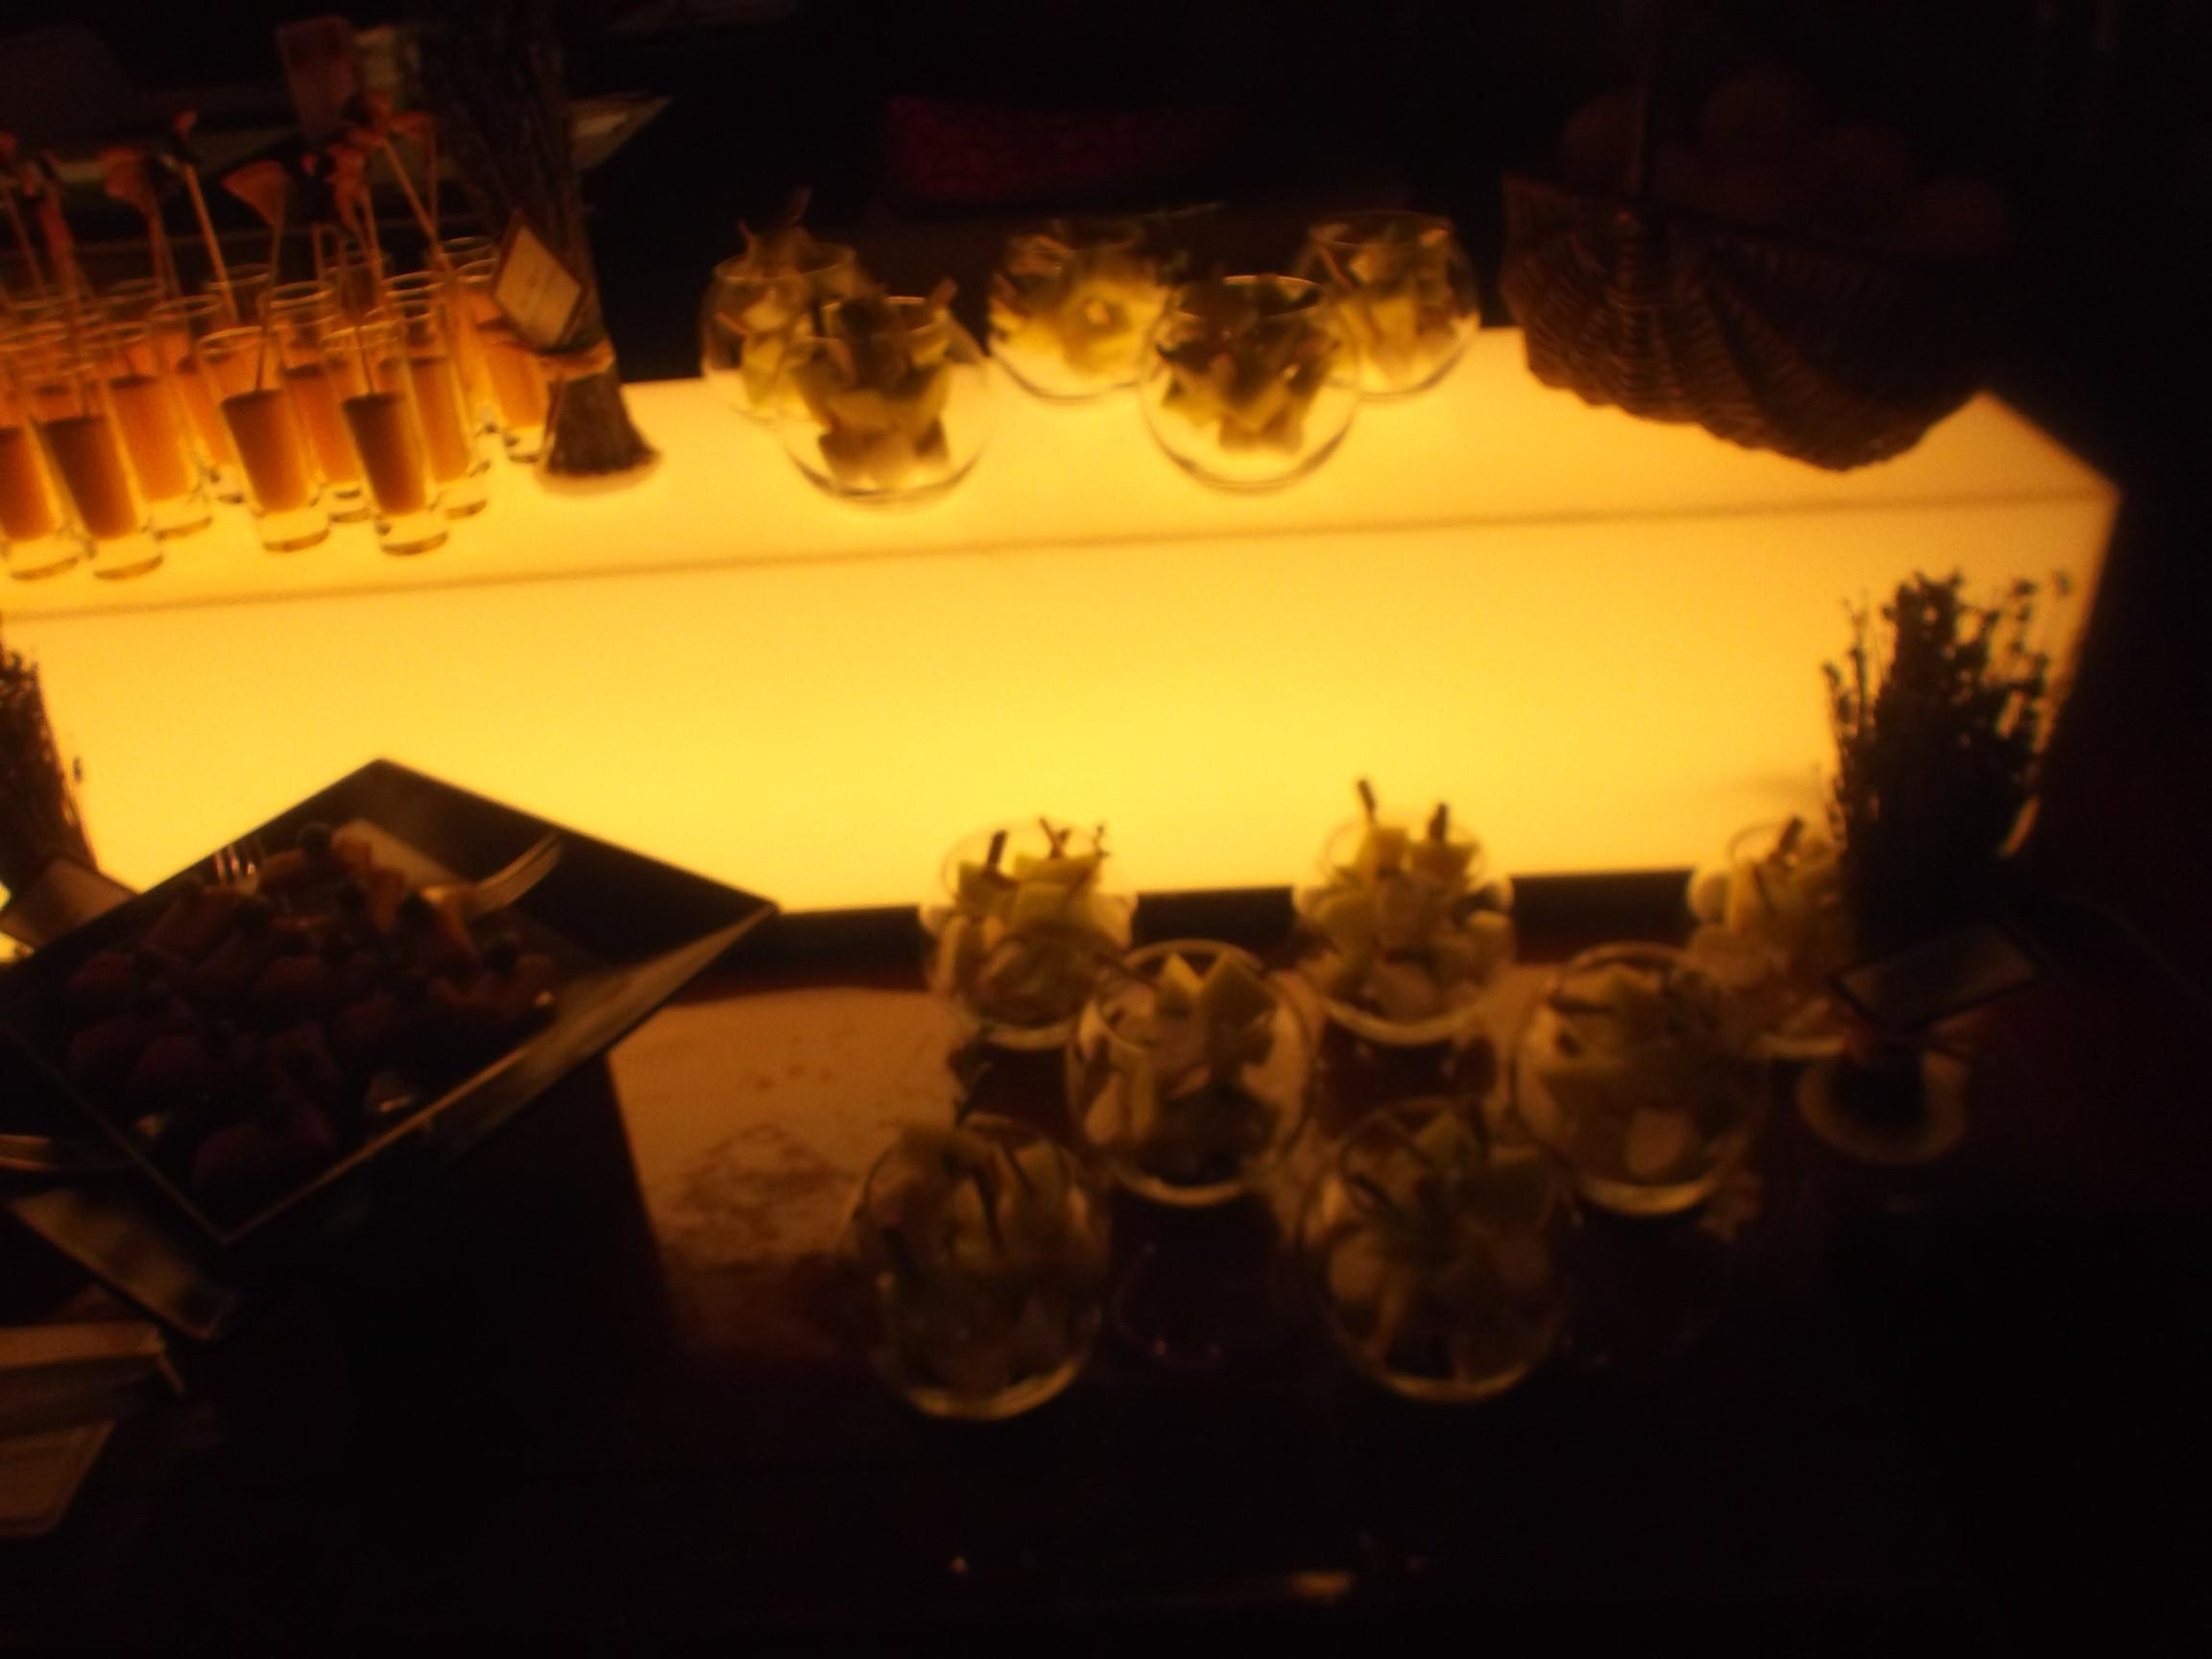 ヒルトン東京 マーブルラウンジ 夏のストーン・フルーツデザートフェア_f0076001_2257019.jpg